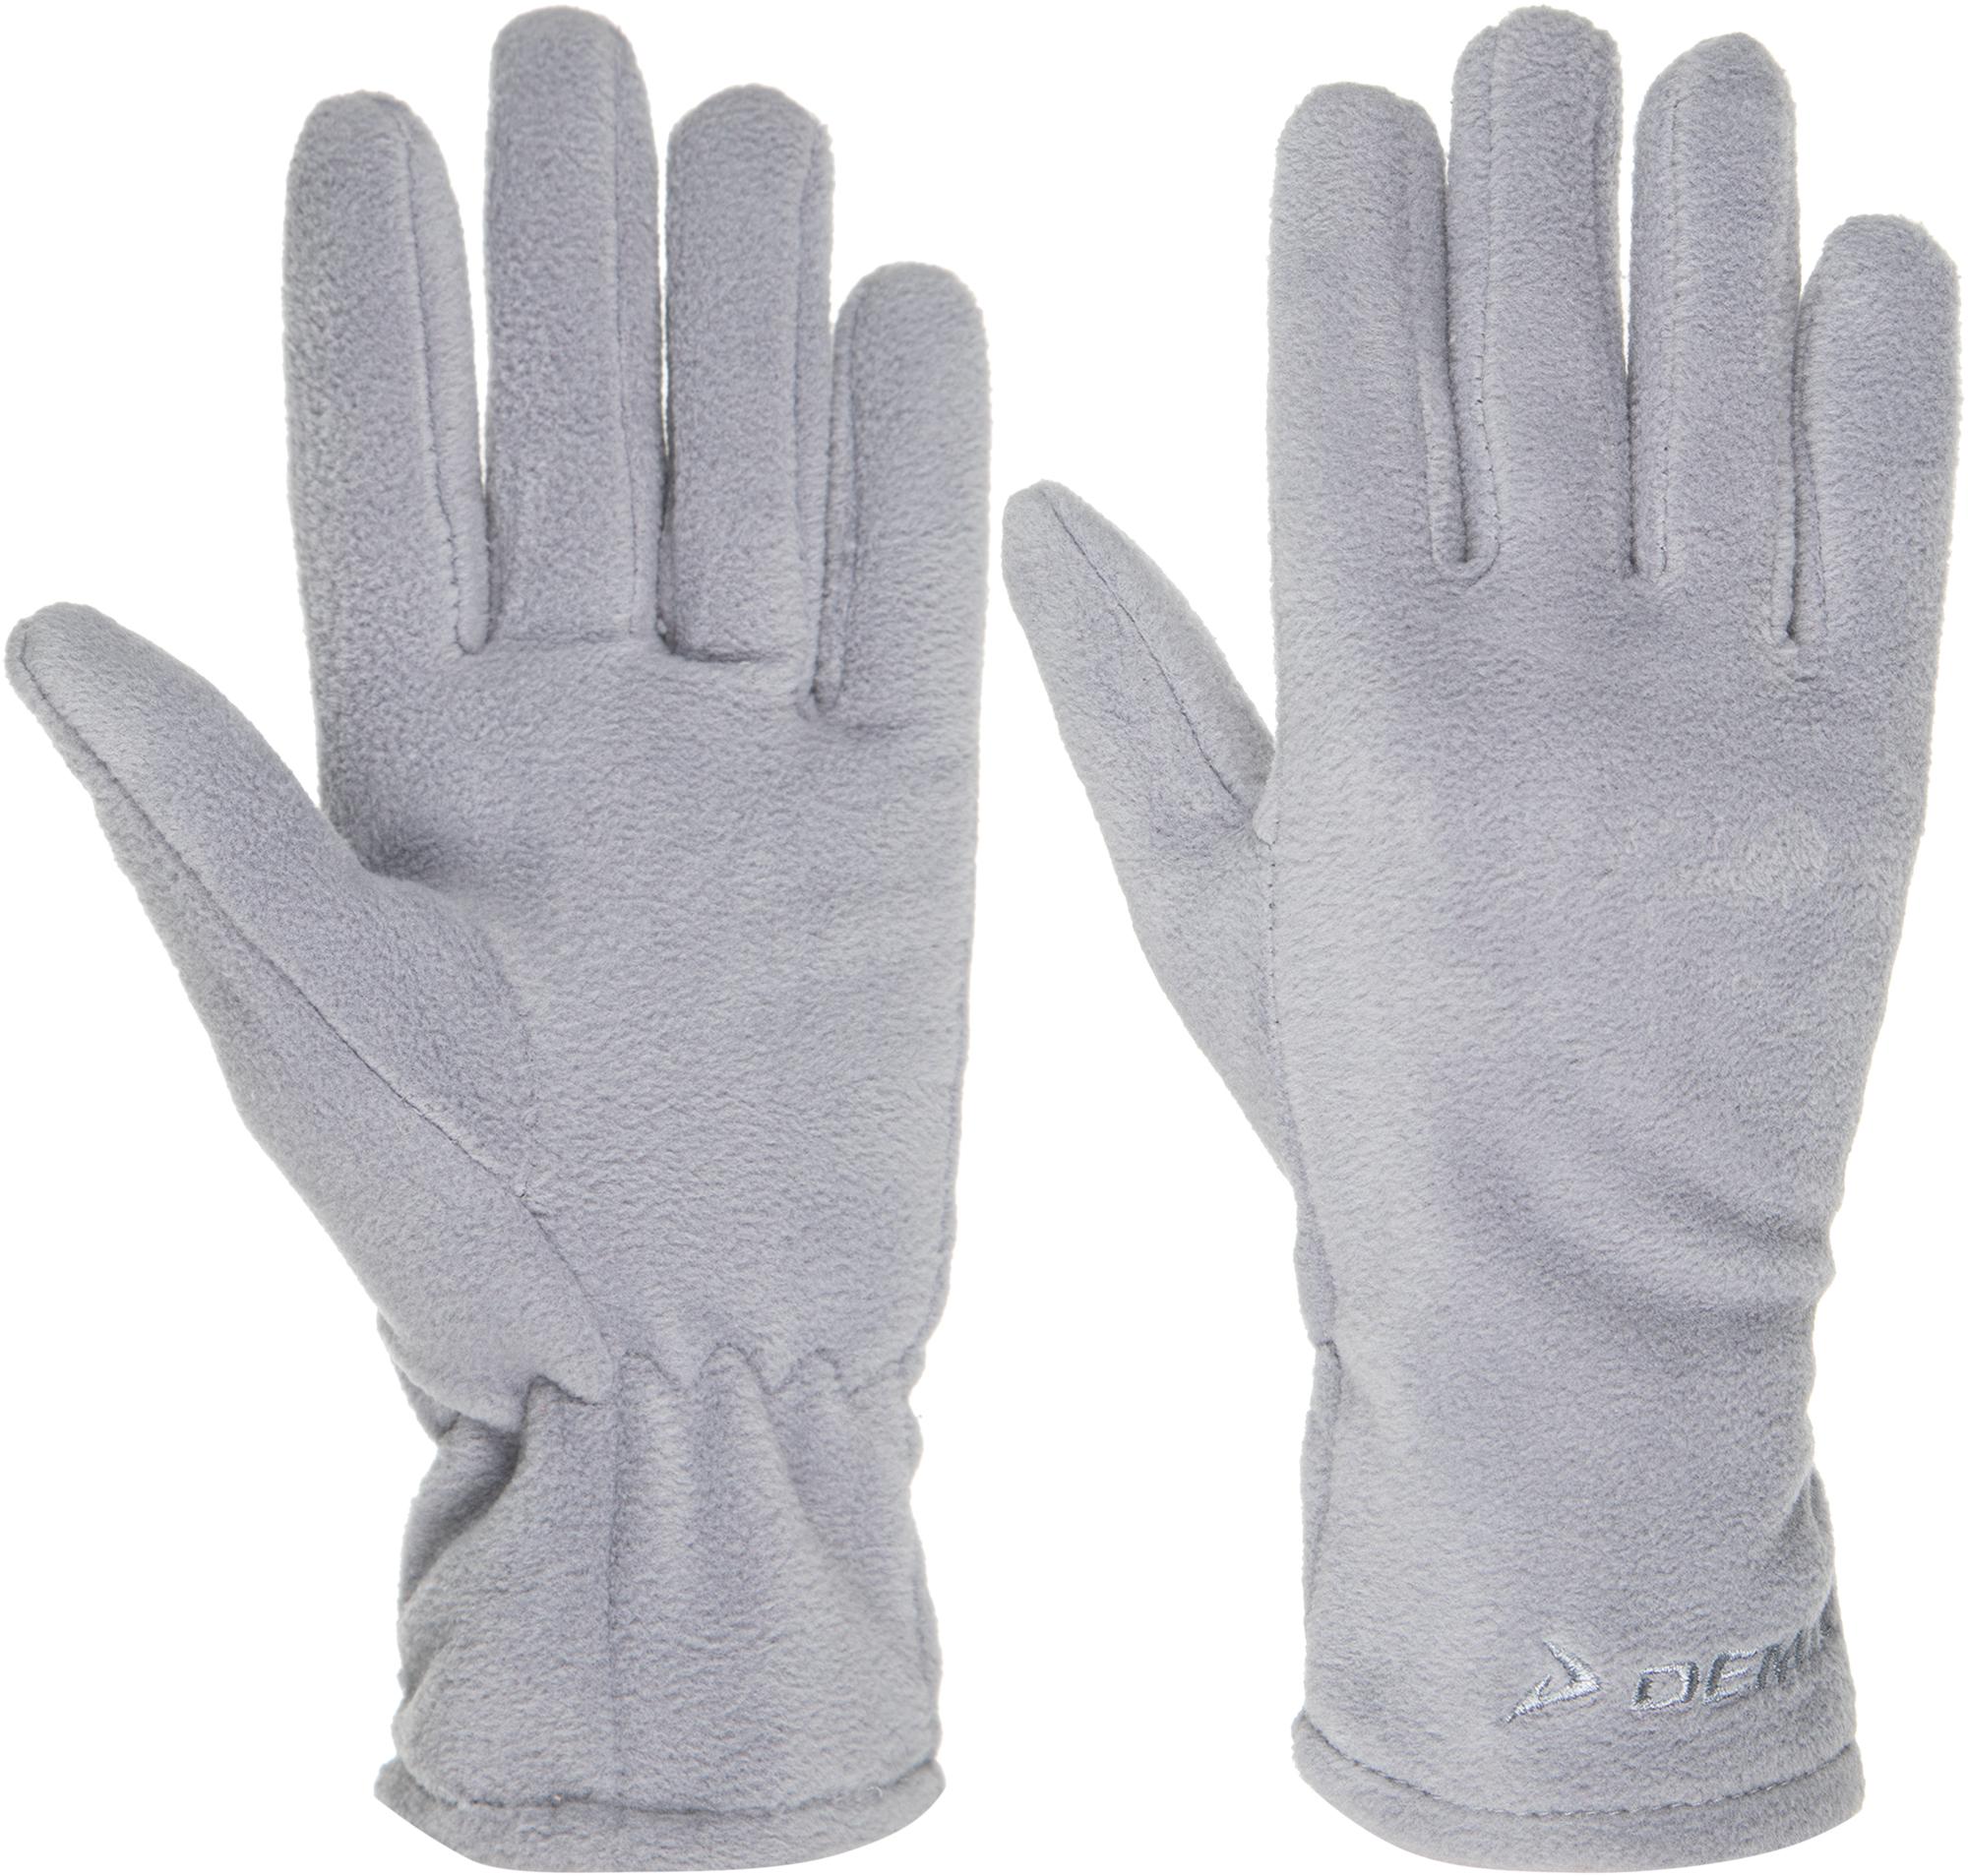 Demix Перчатки Demix, размер 7 demix перчатки вратарские demix размер 11